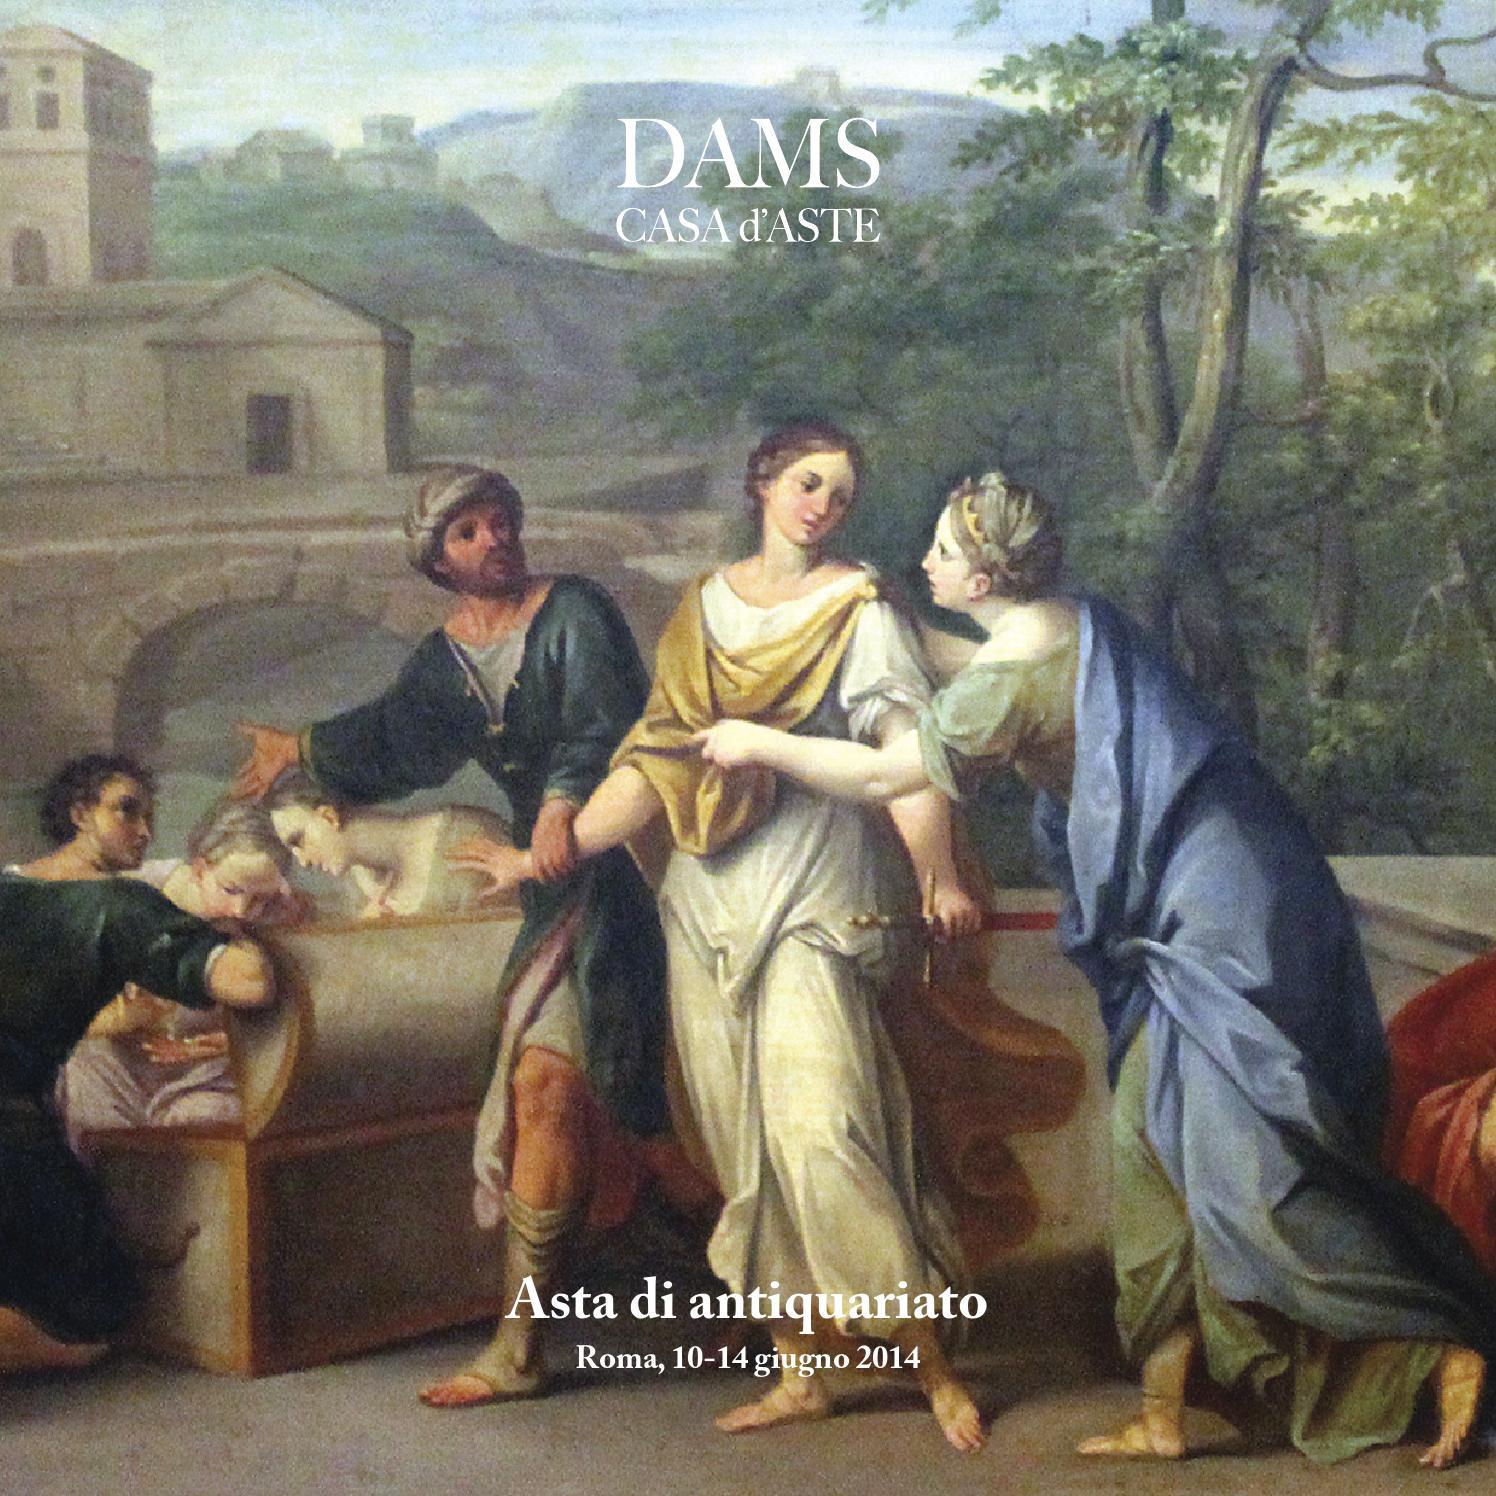 Catalogo Asta 14-18 giugno 2016 by Dams Casa Aste - issuu